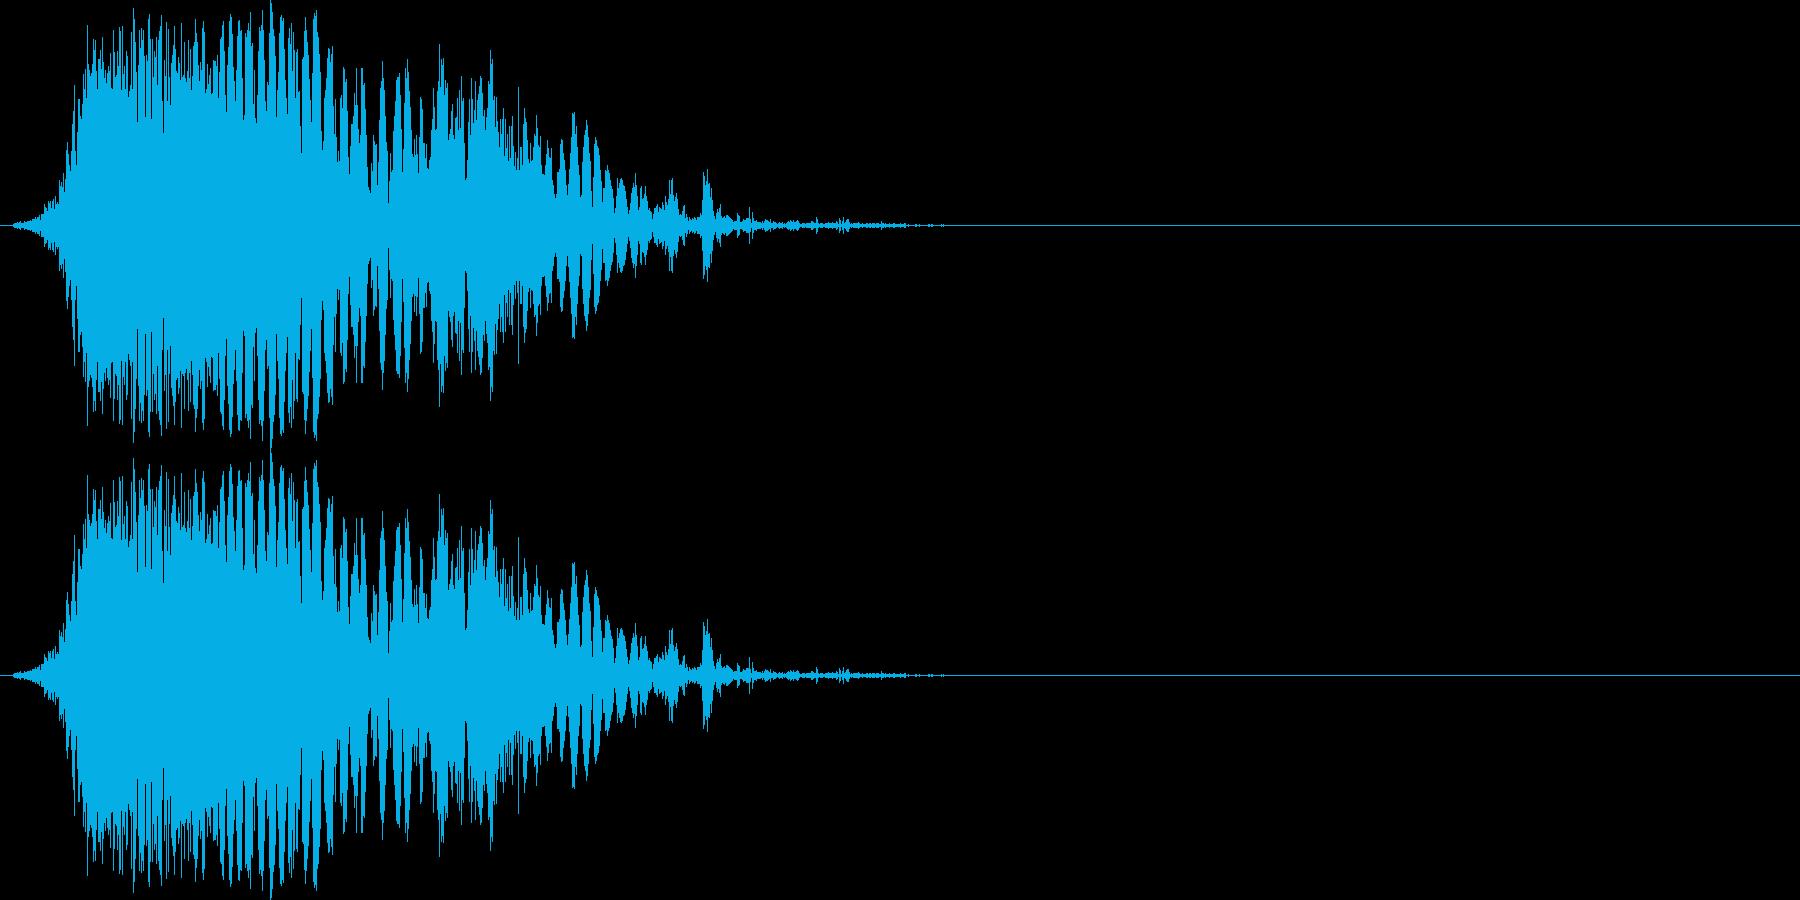 斬撃音(刀や剣で斬る/刺す効果音)10cの再生済みの波形